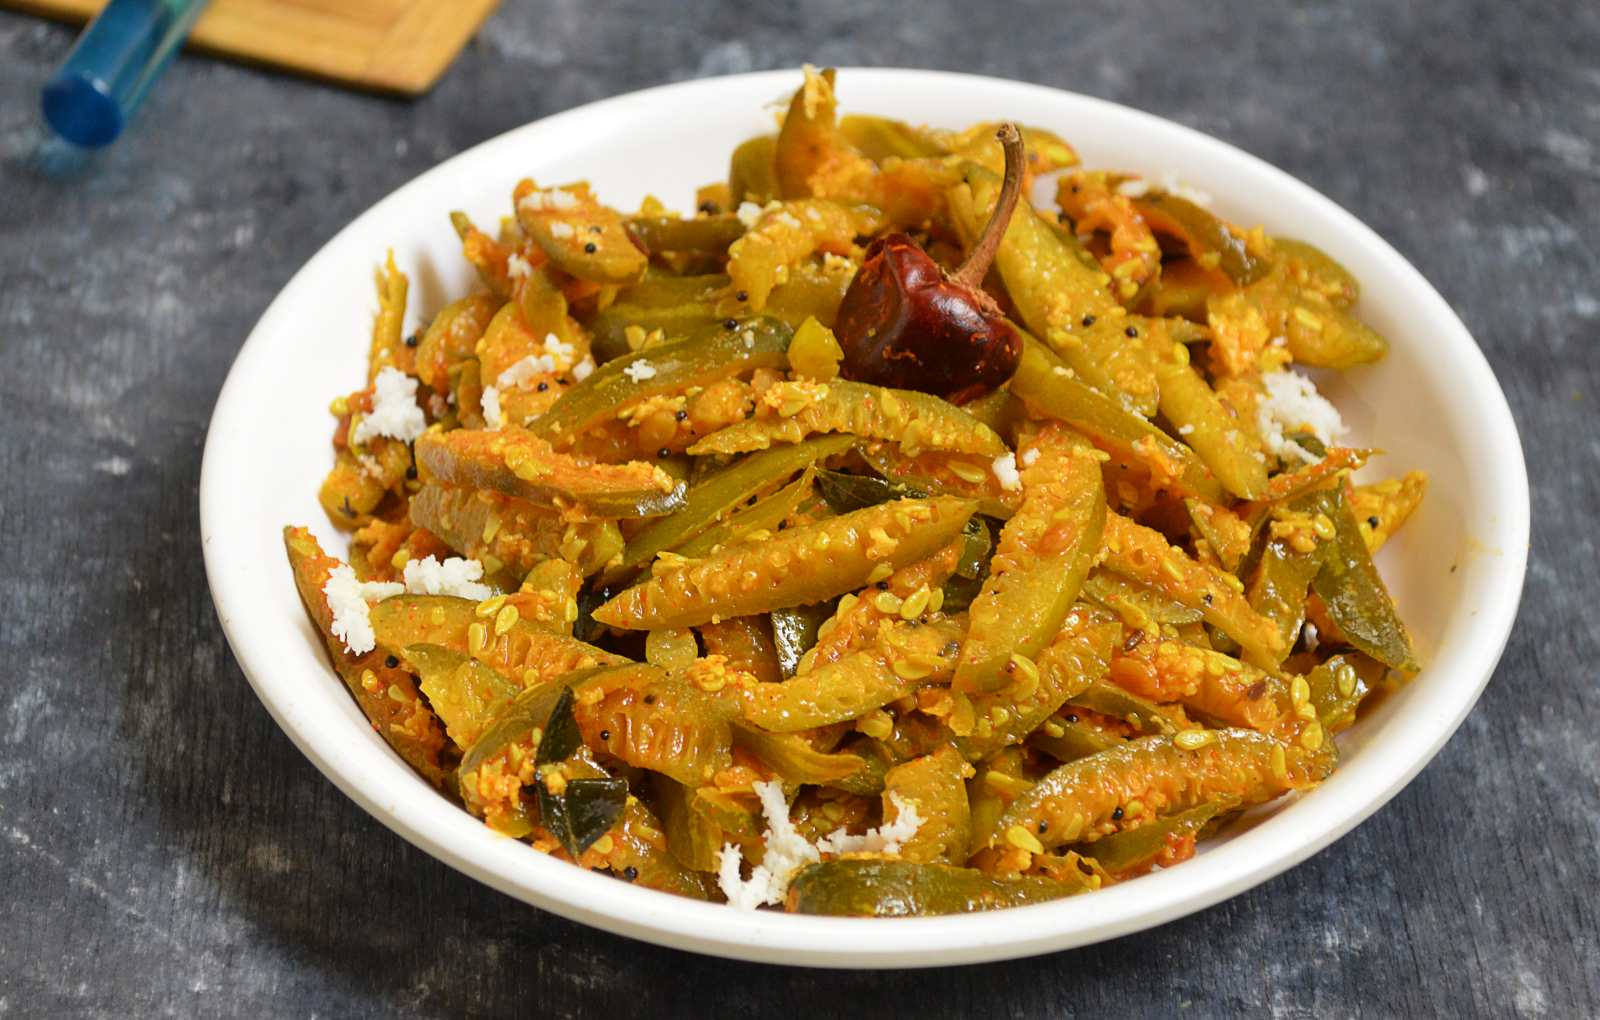 Goan tendli bhaji recipe by archanas kitchen goan tendli bhaji recipe forumfinder Gallery